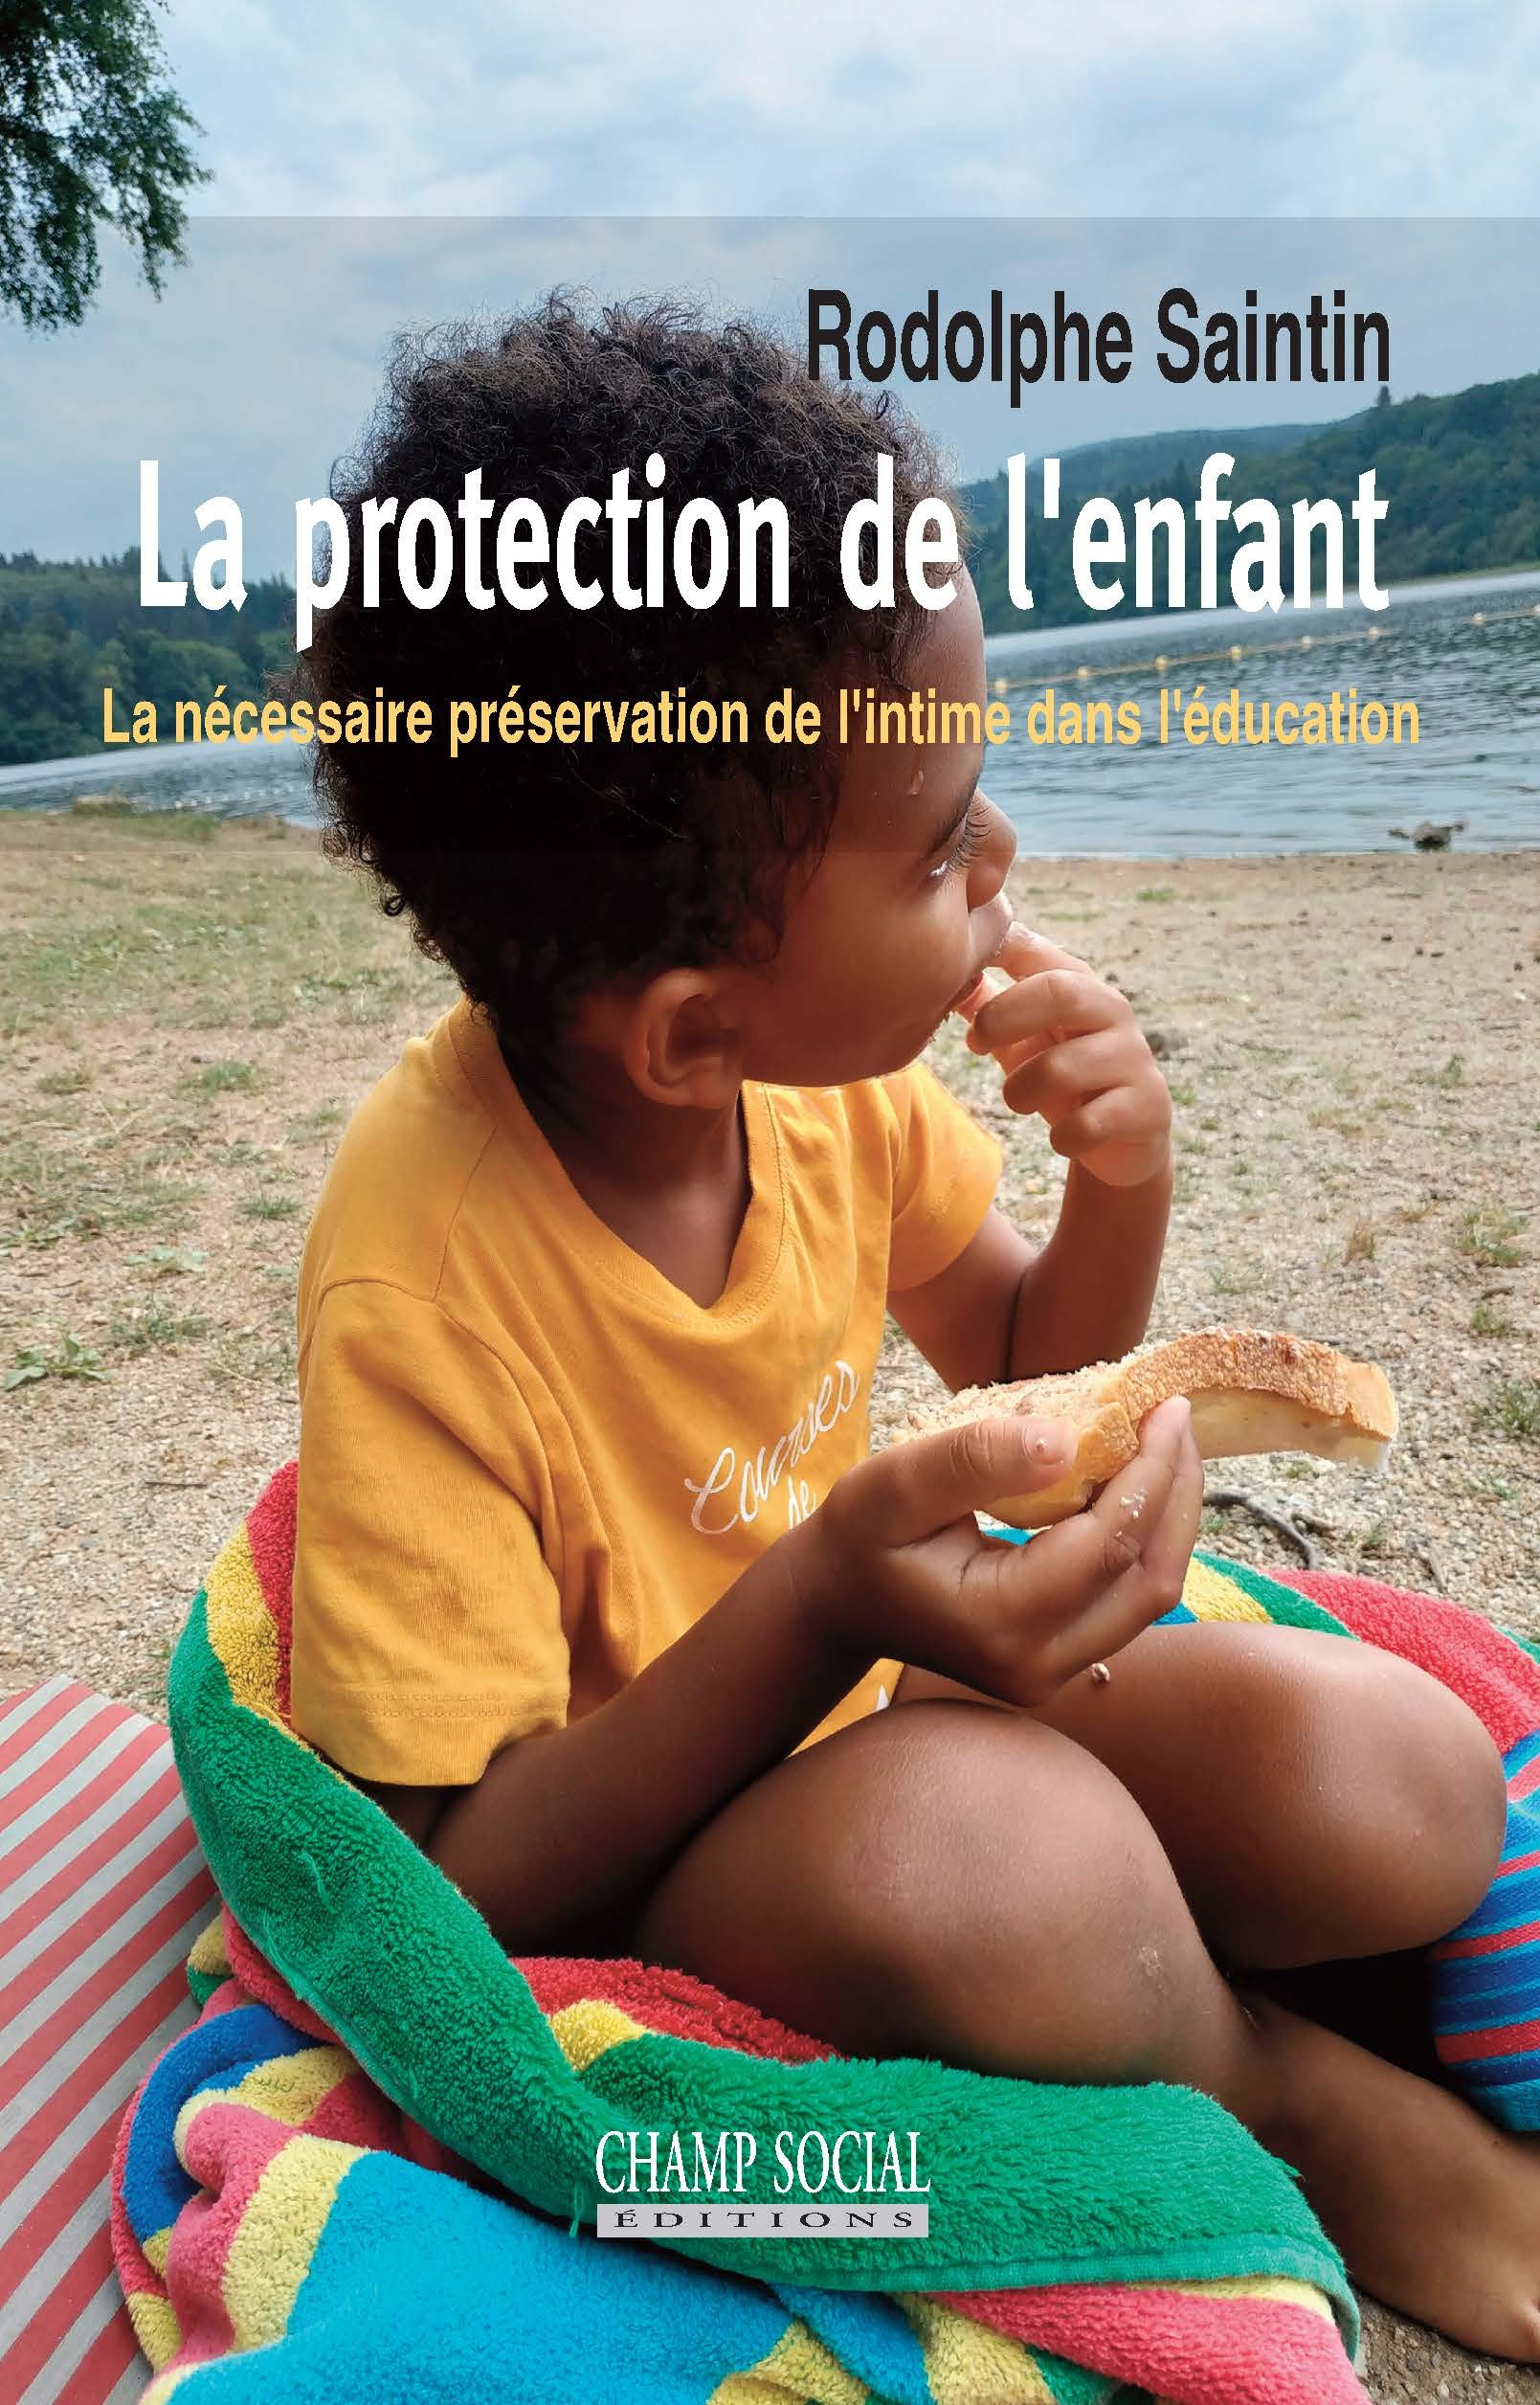 LA PROTECTION DE L'ENFANT - LA NECESSAIRE PRESERVATION DE L'INTIME DANS L'EDUCATION